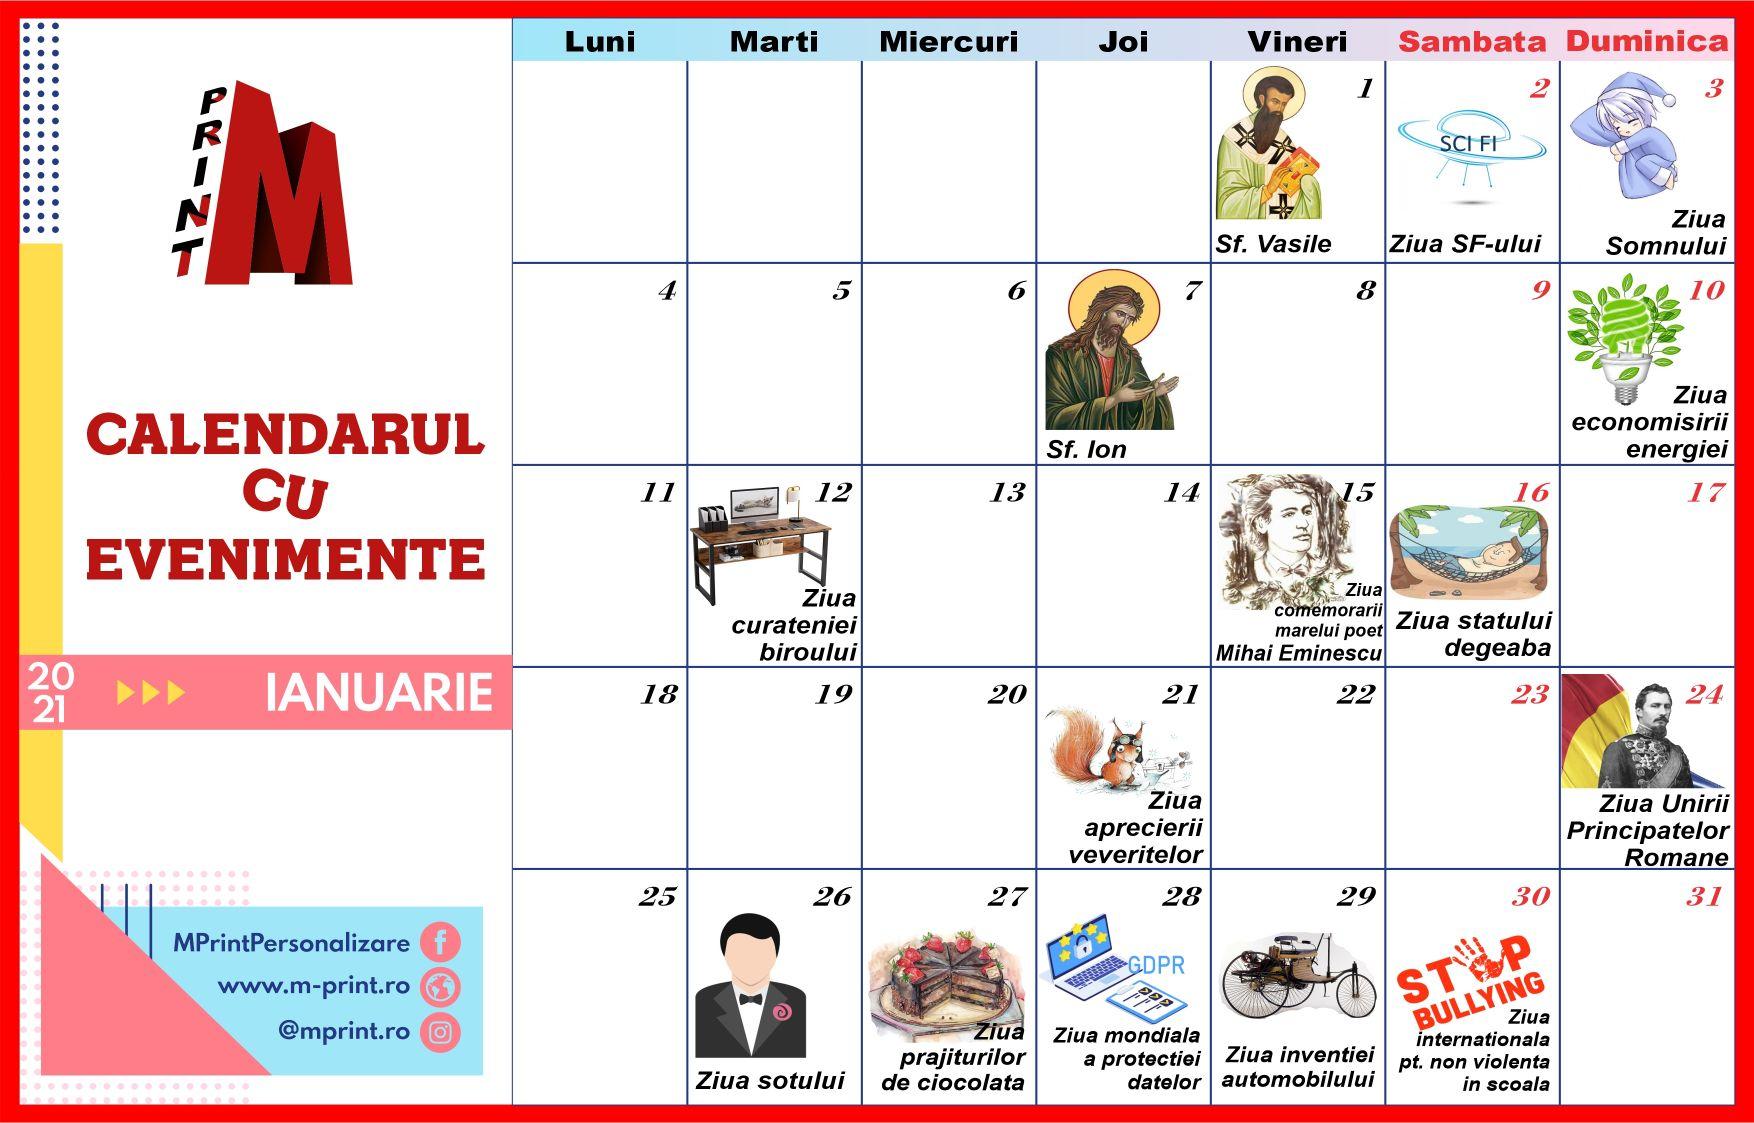 Calendarul cu evenimente al lunii Ianuarie 2021